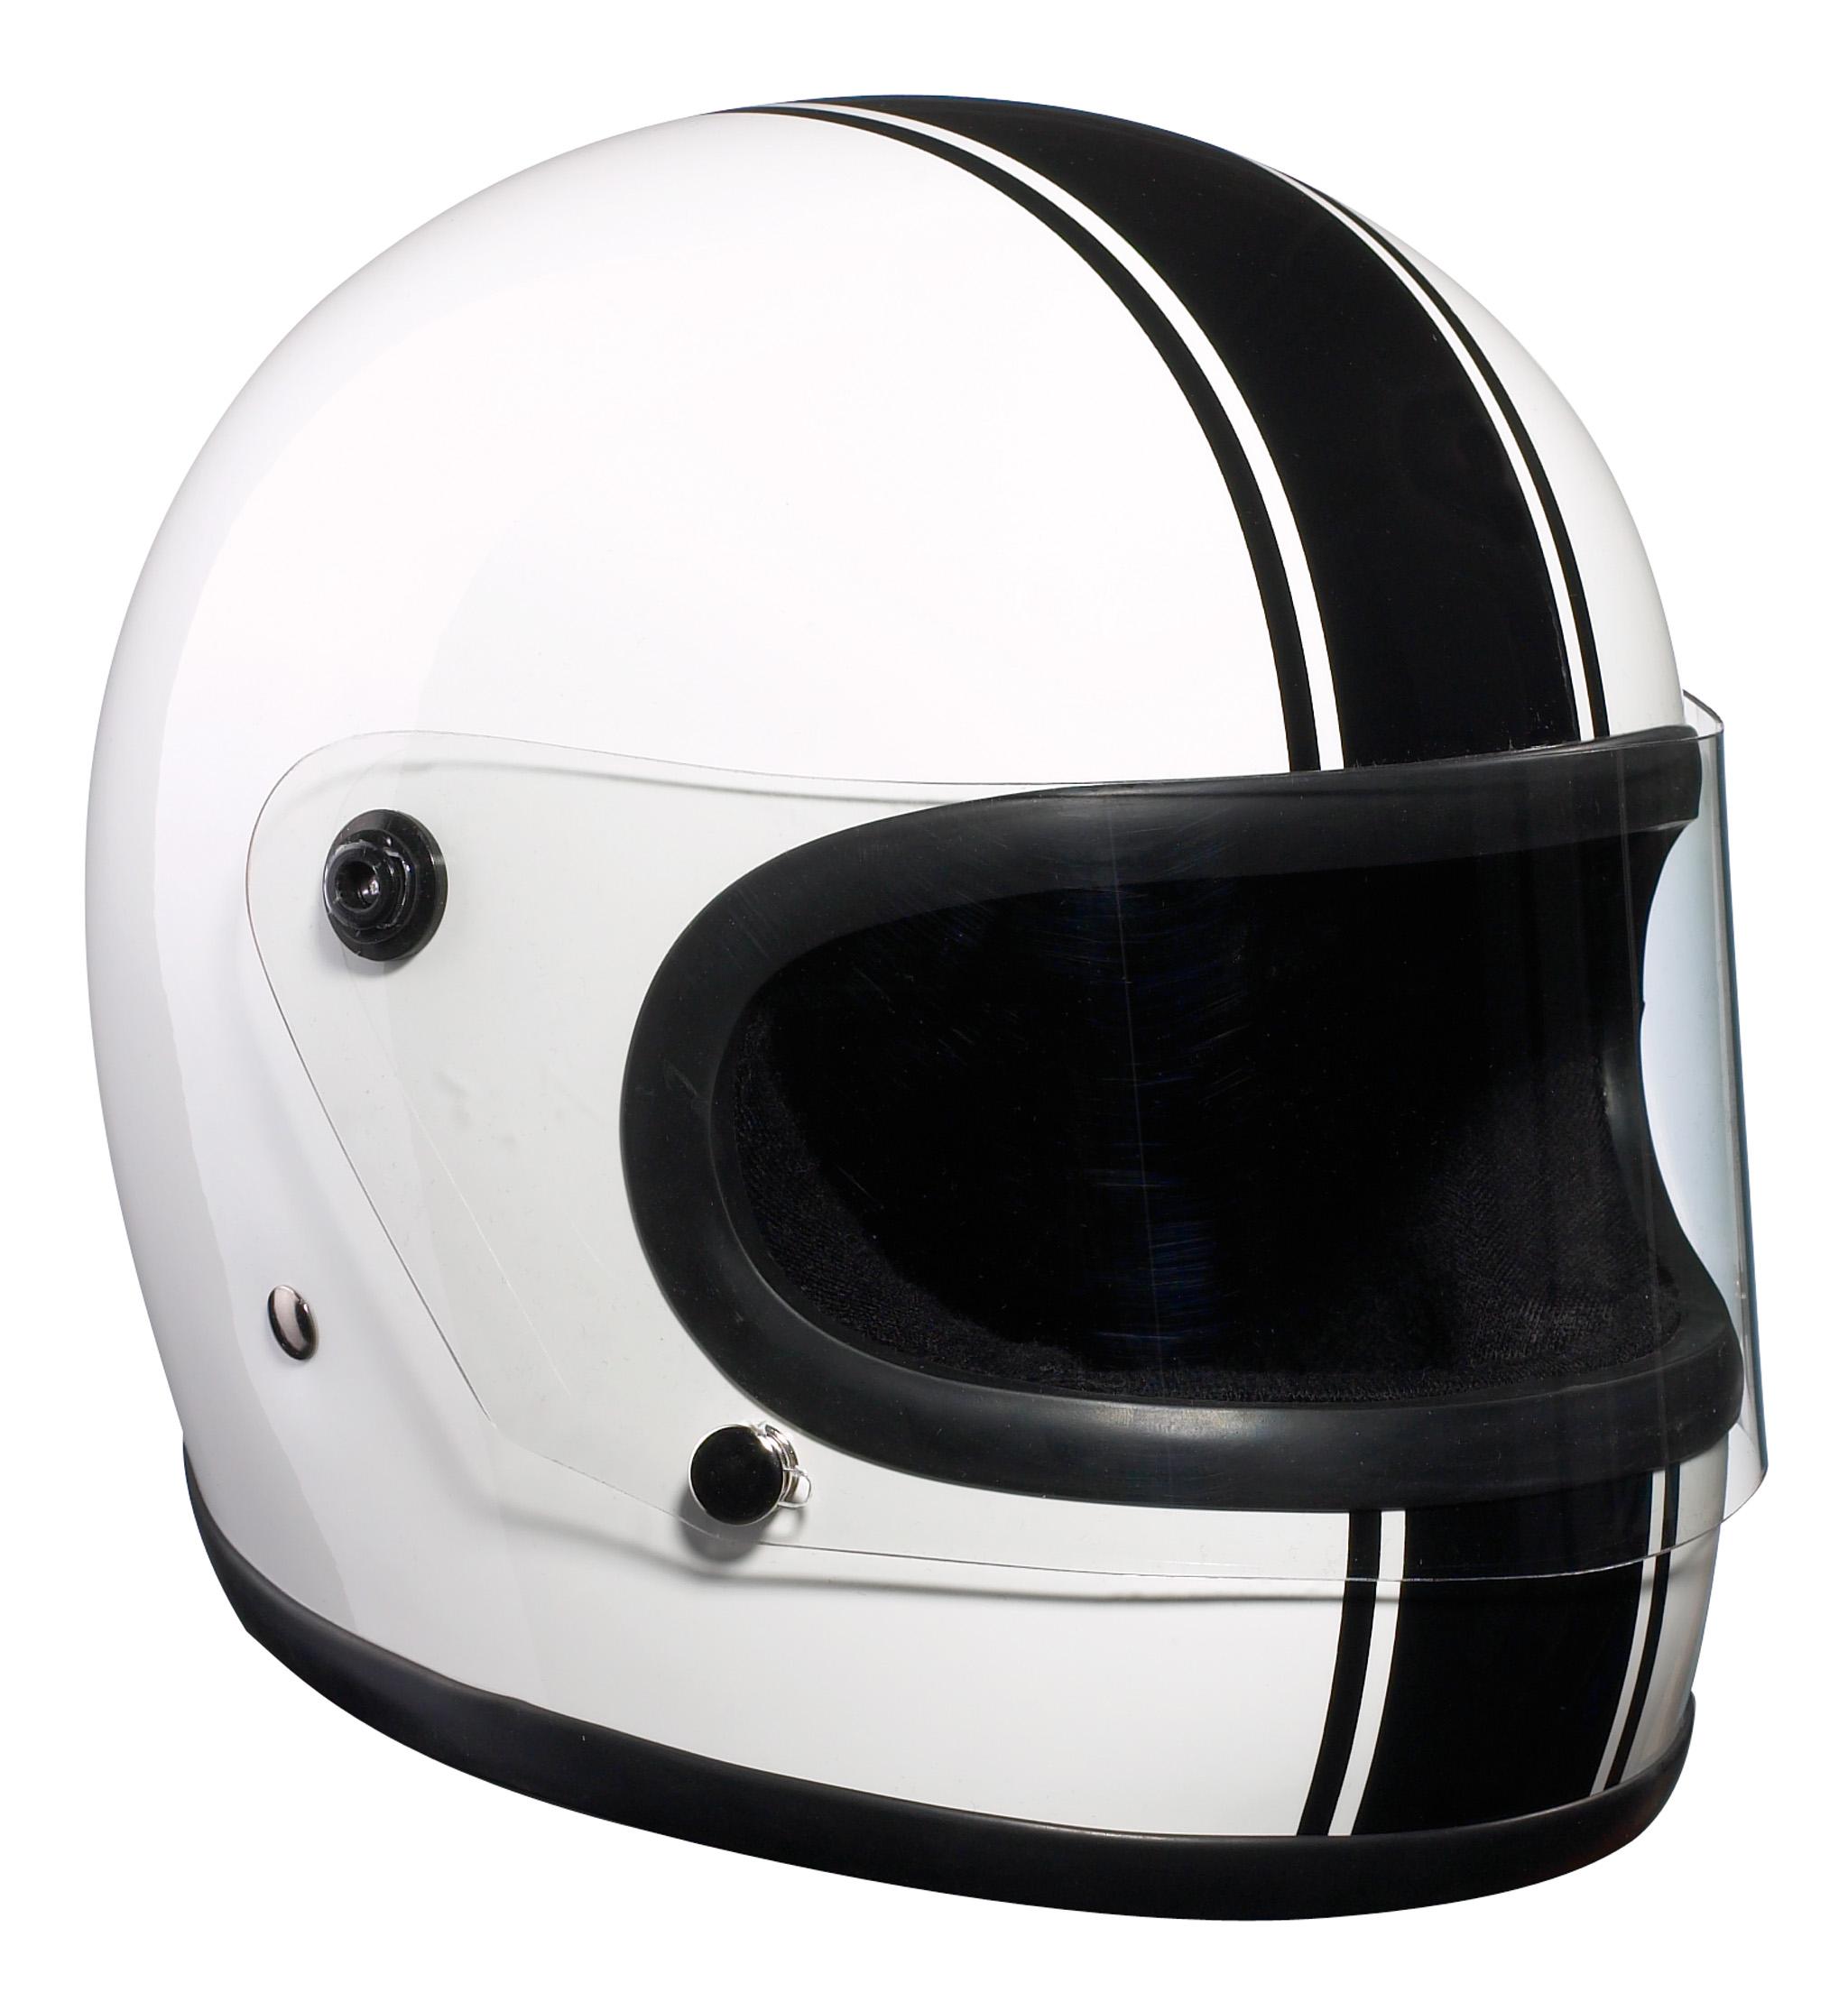 bandit helmets integral online kaufen. Black Bedroom Furniture Sets. Home Design Ideas